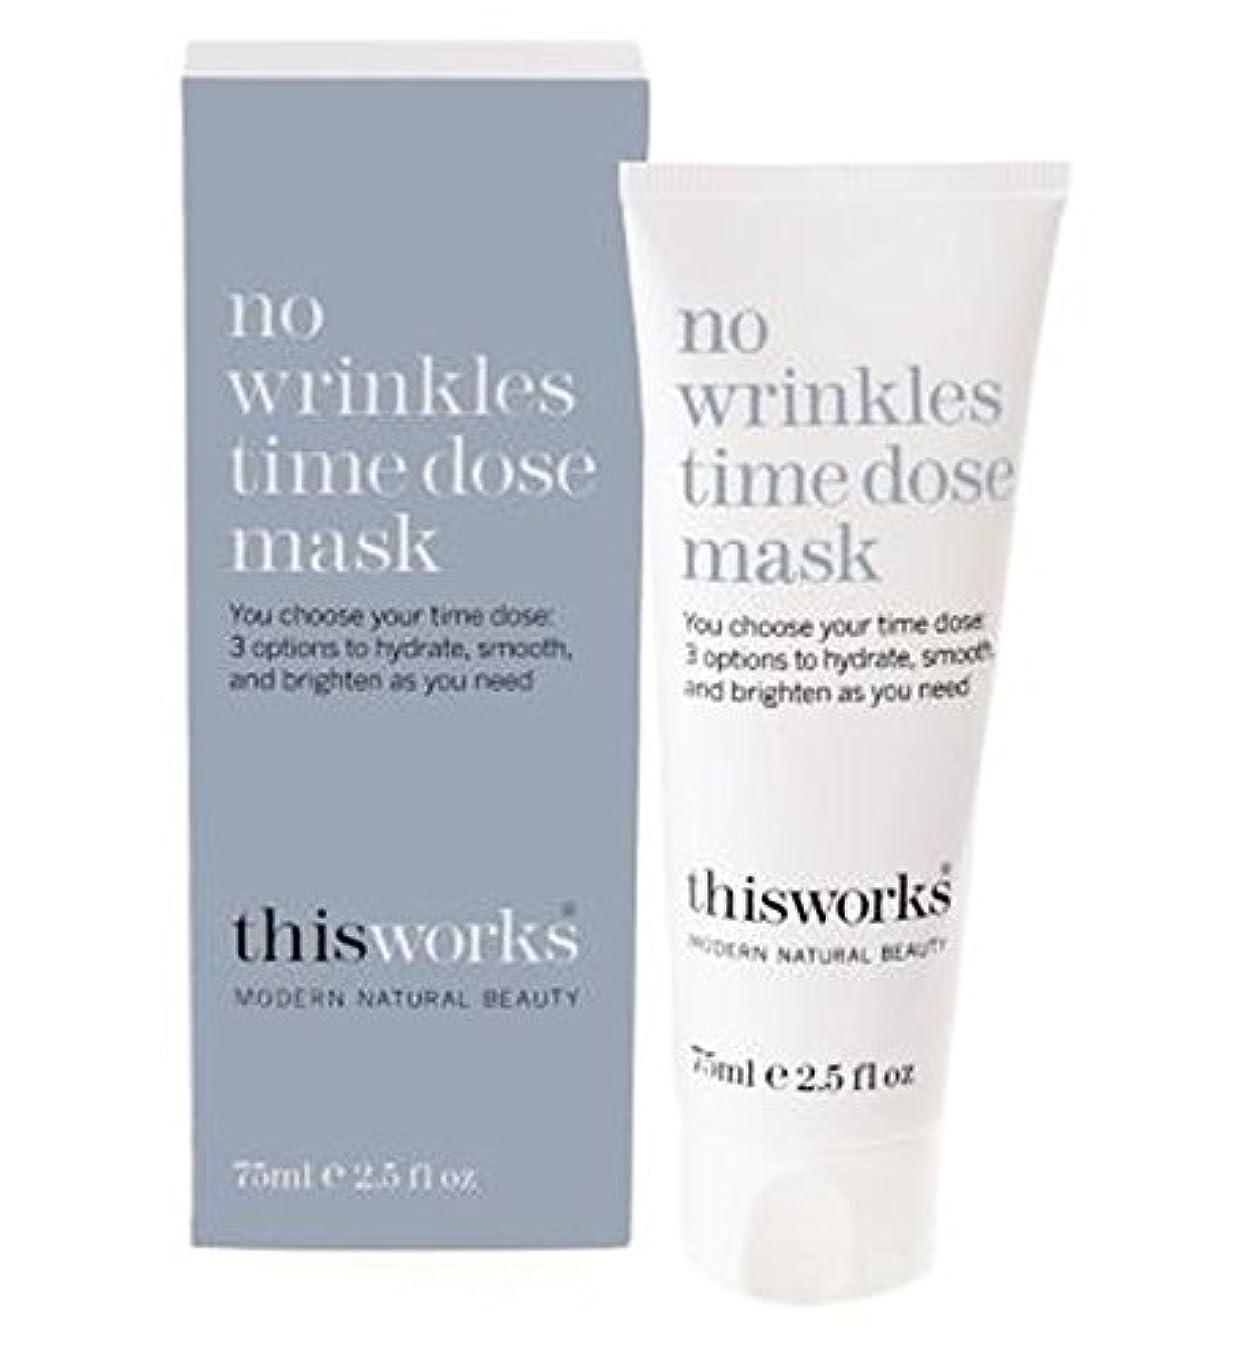 離婚ホーム体細胞これにはしわ時間線量マスクの75ミリリットルの作品はありません (This Works) (x2) - This Works No Wrinkles Time Dose Mask 75ml (Pack of 2) [並行輸入品]